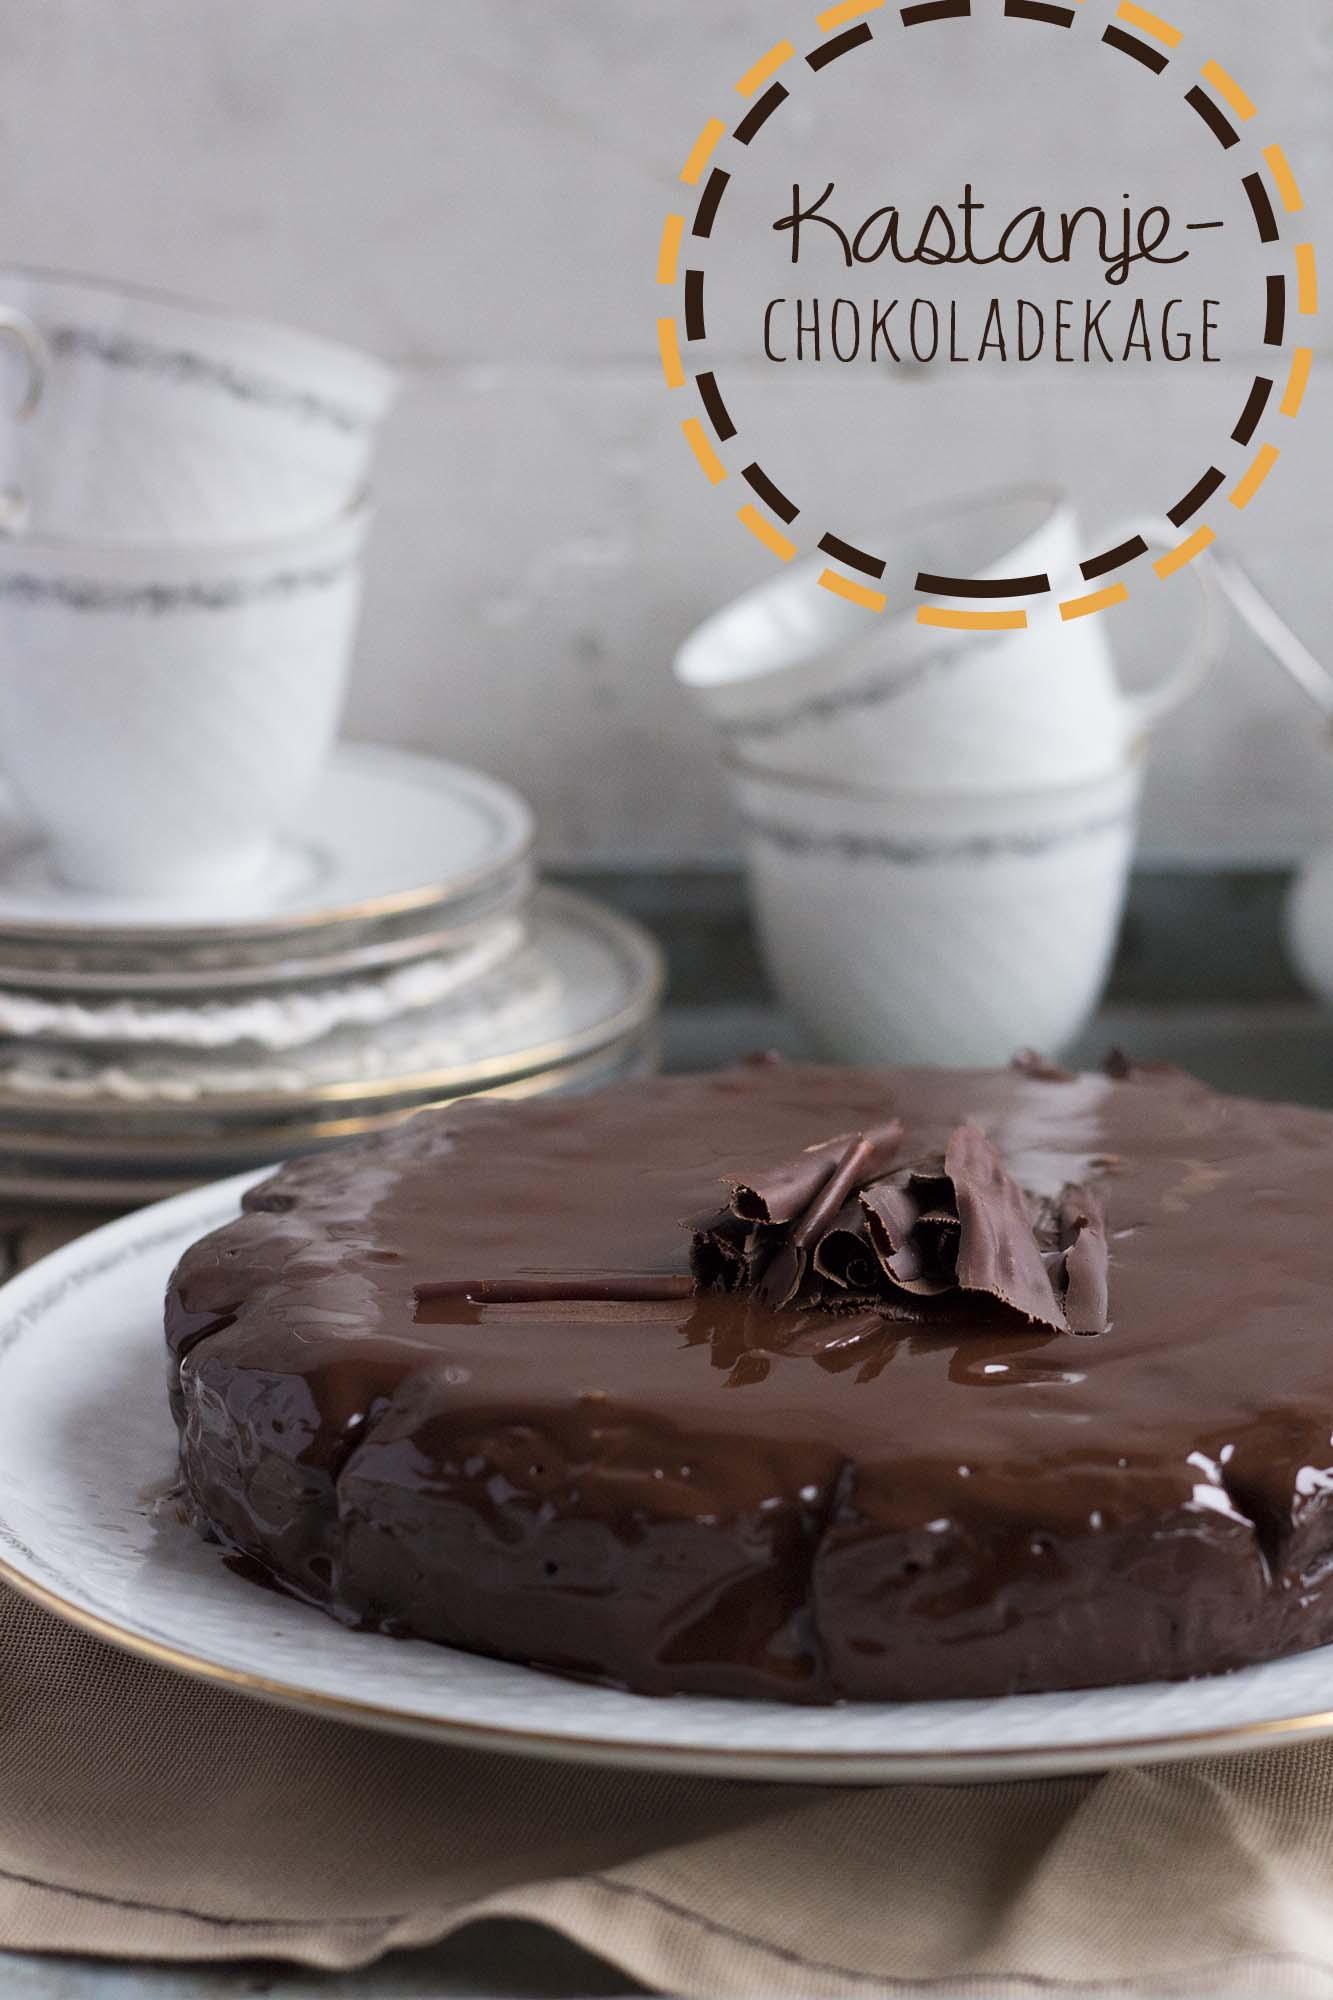 Kastanje-chokoladekage